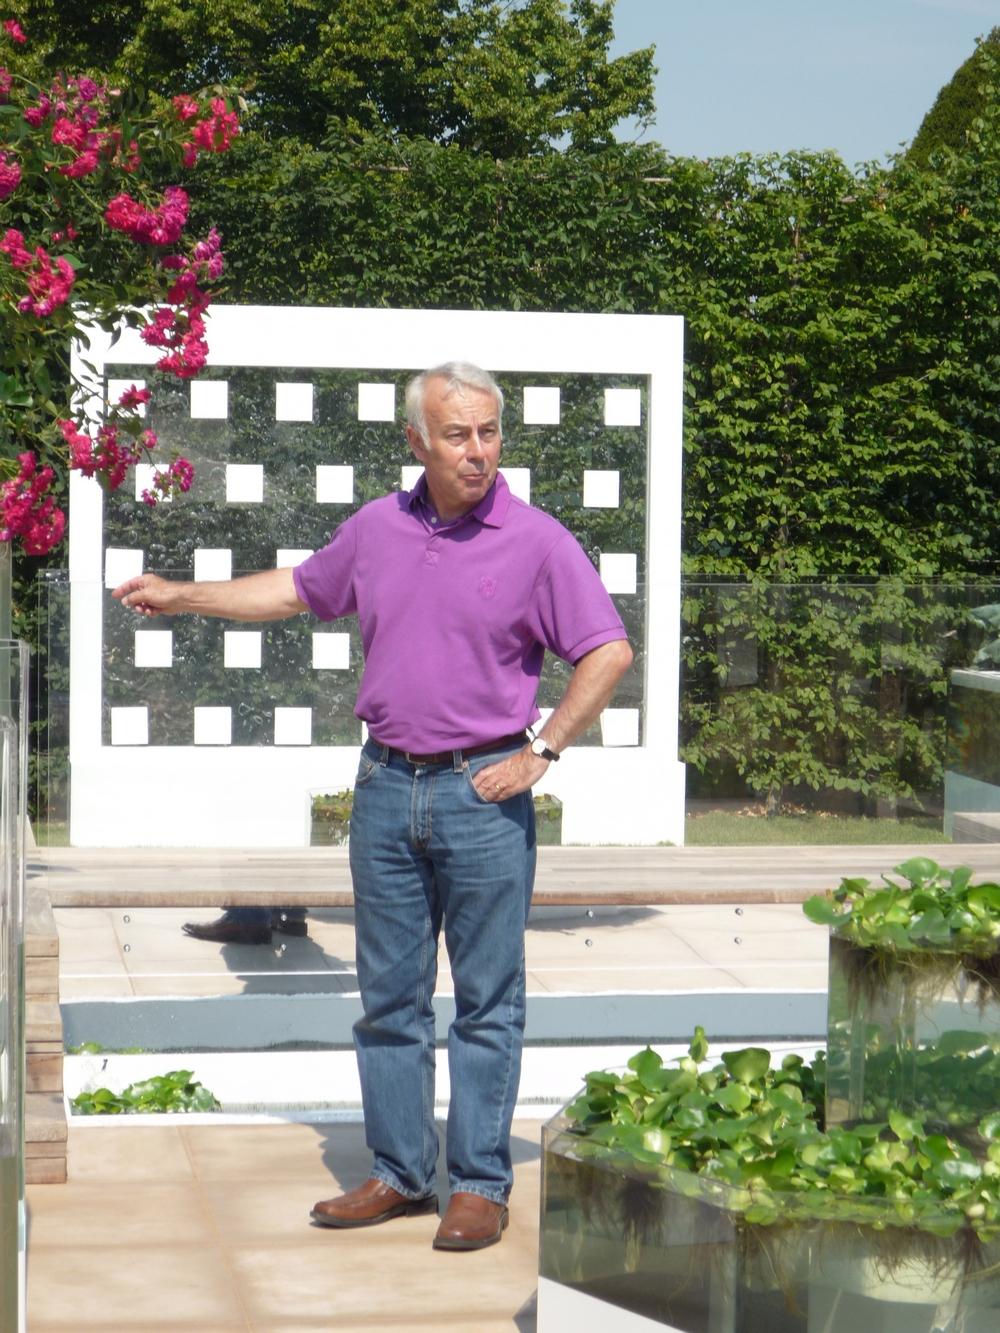 Richard Jackson on the Naked Garden